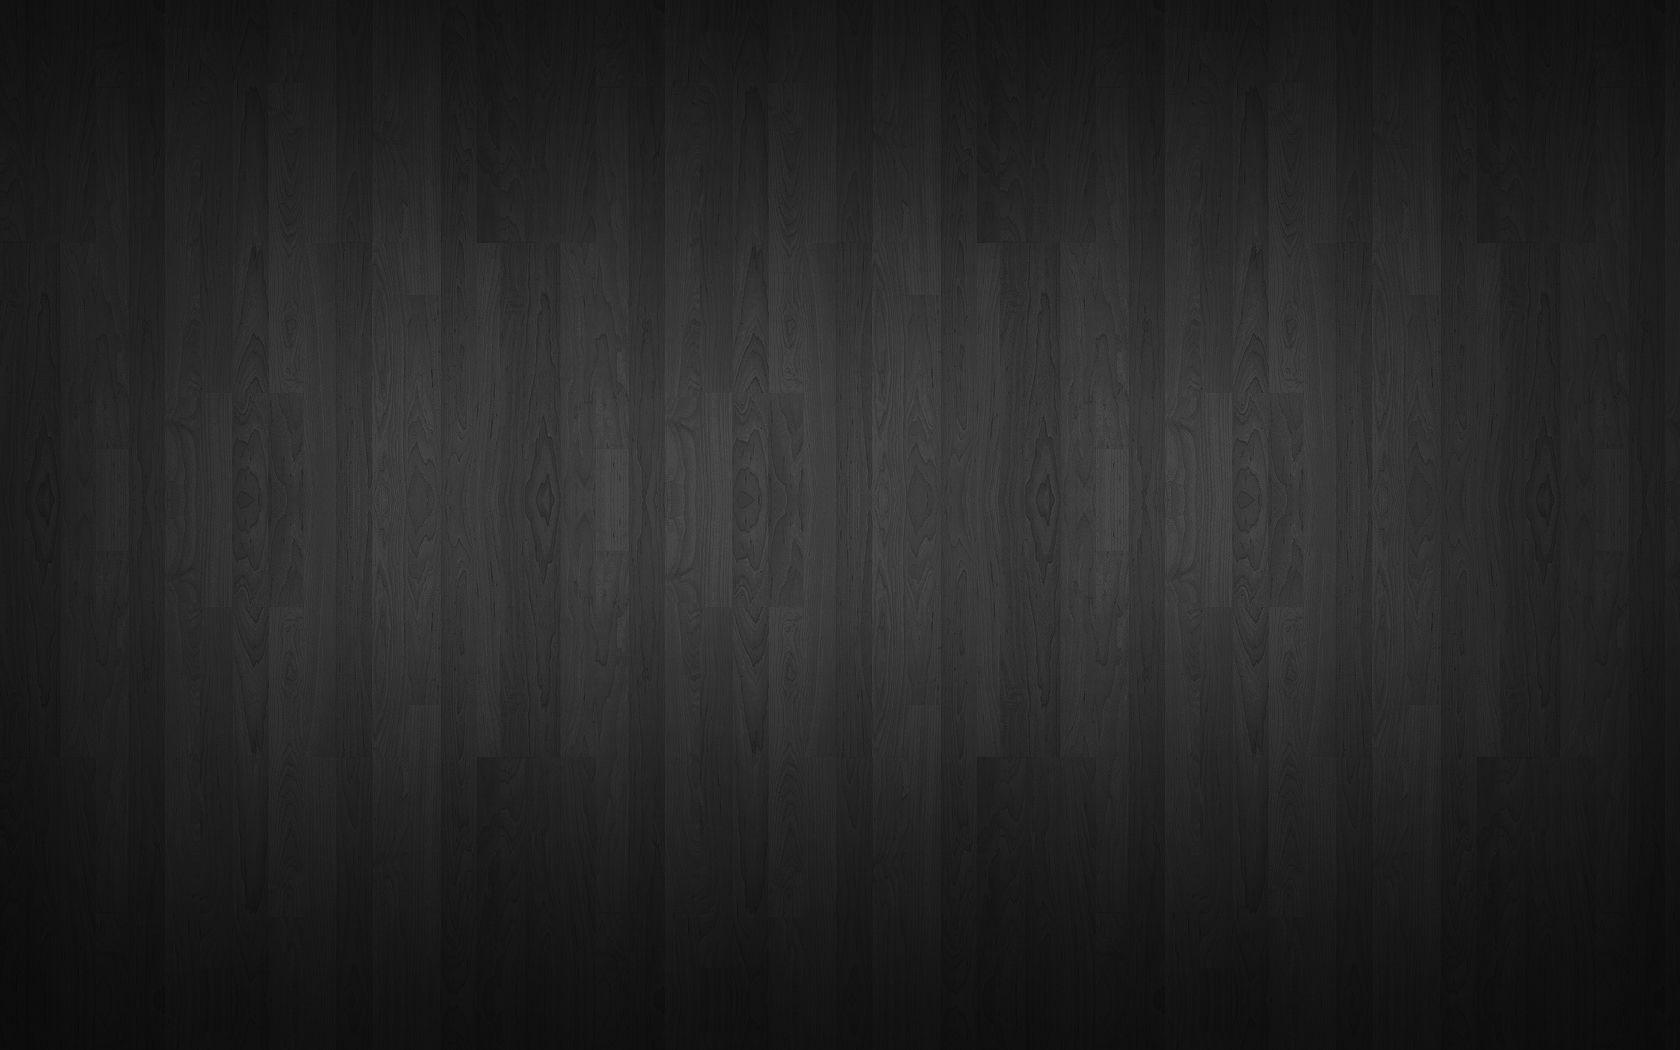 ارضيات خشبيه للتصميم 7 ارضيات خشبيه للتصميم